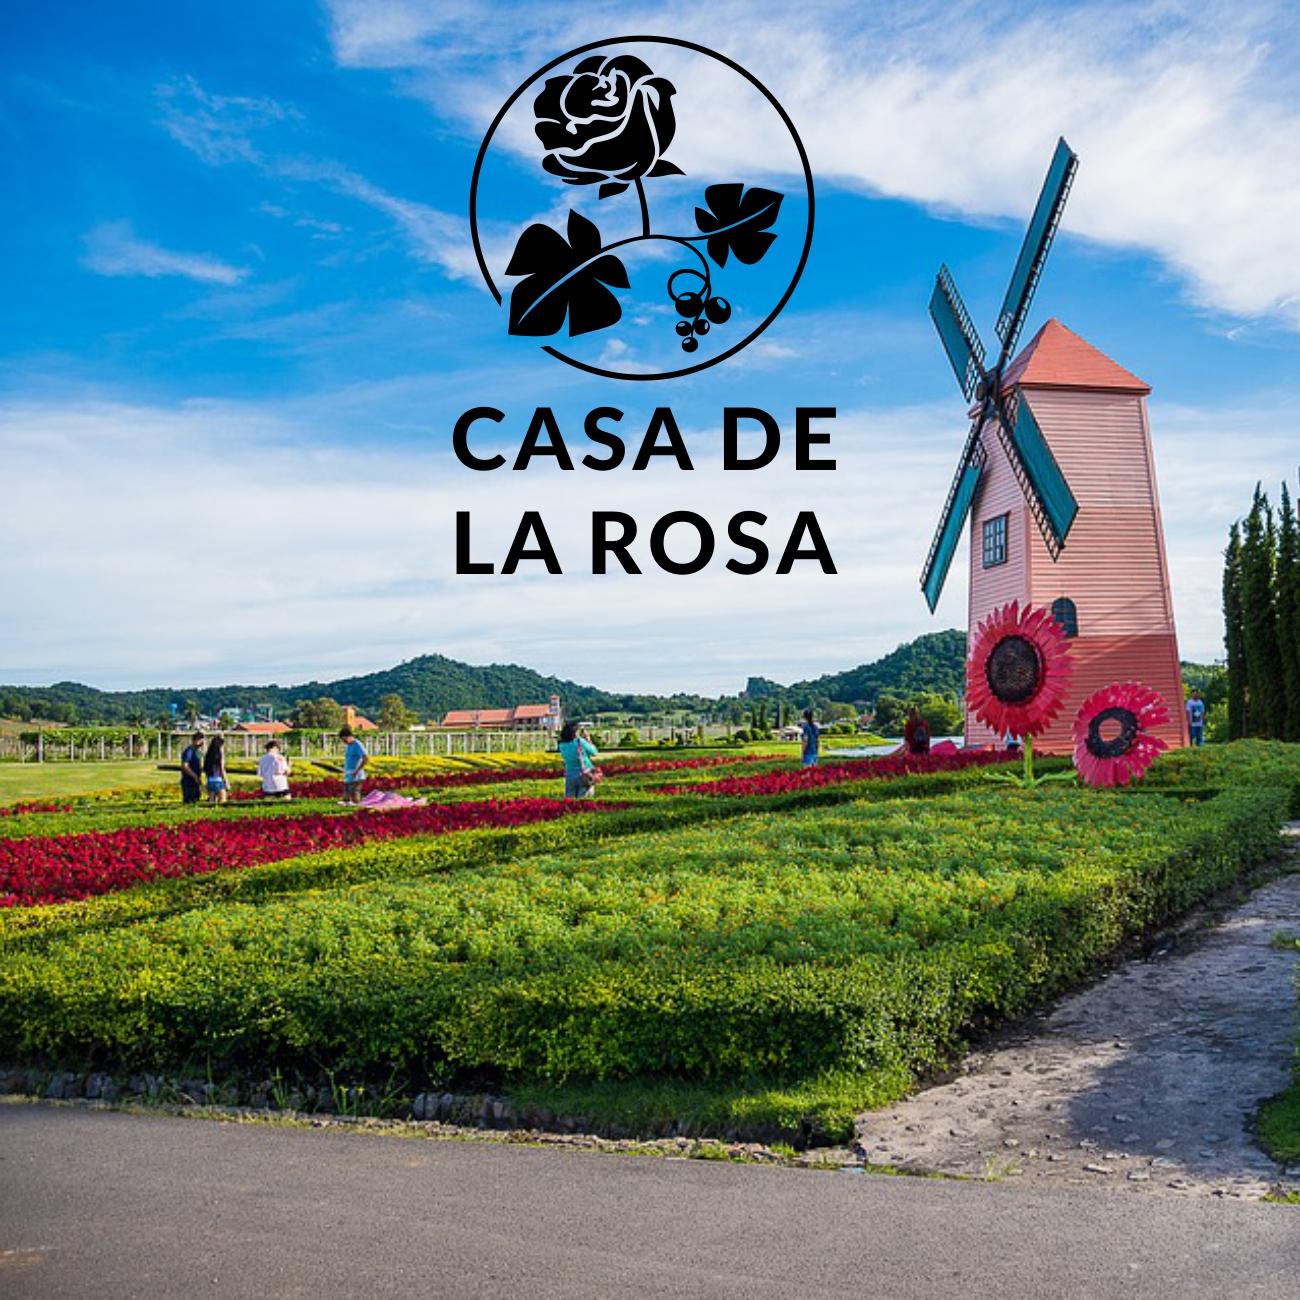 Логотип + Фирменный знак для элитного поселка Casa De La Rosa фото f_6095cd4a64fabfc5.jpg